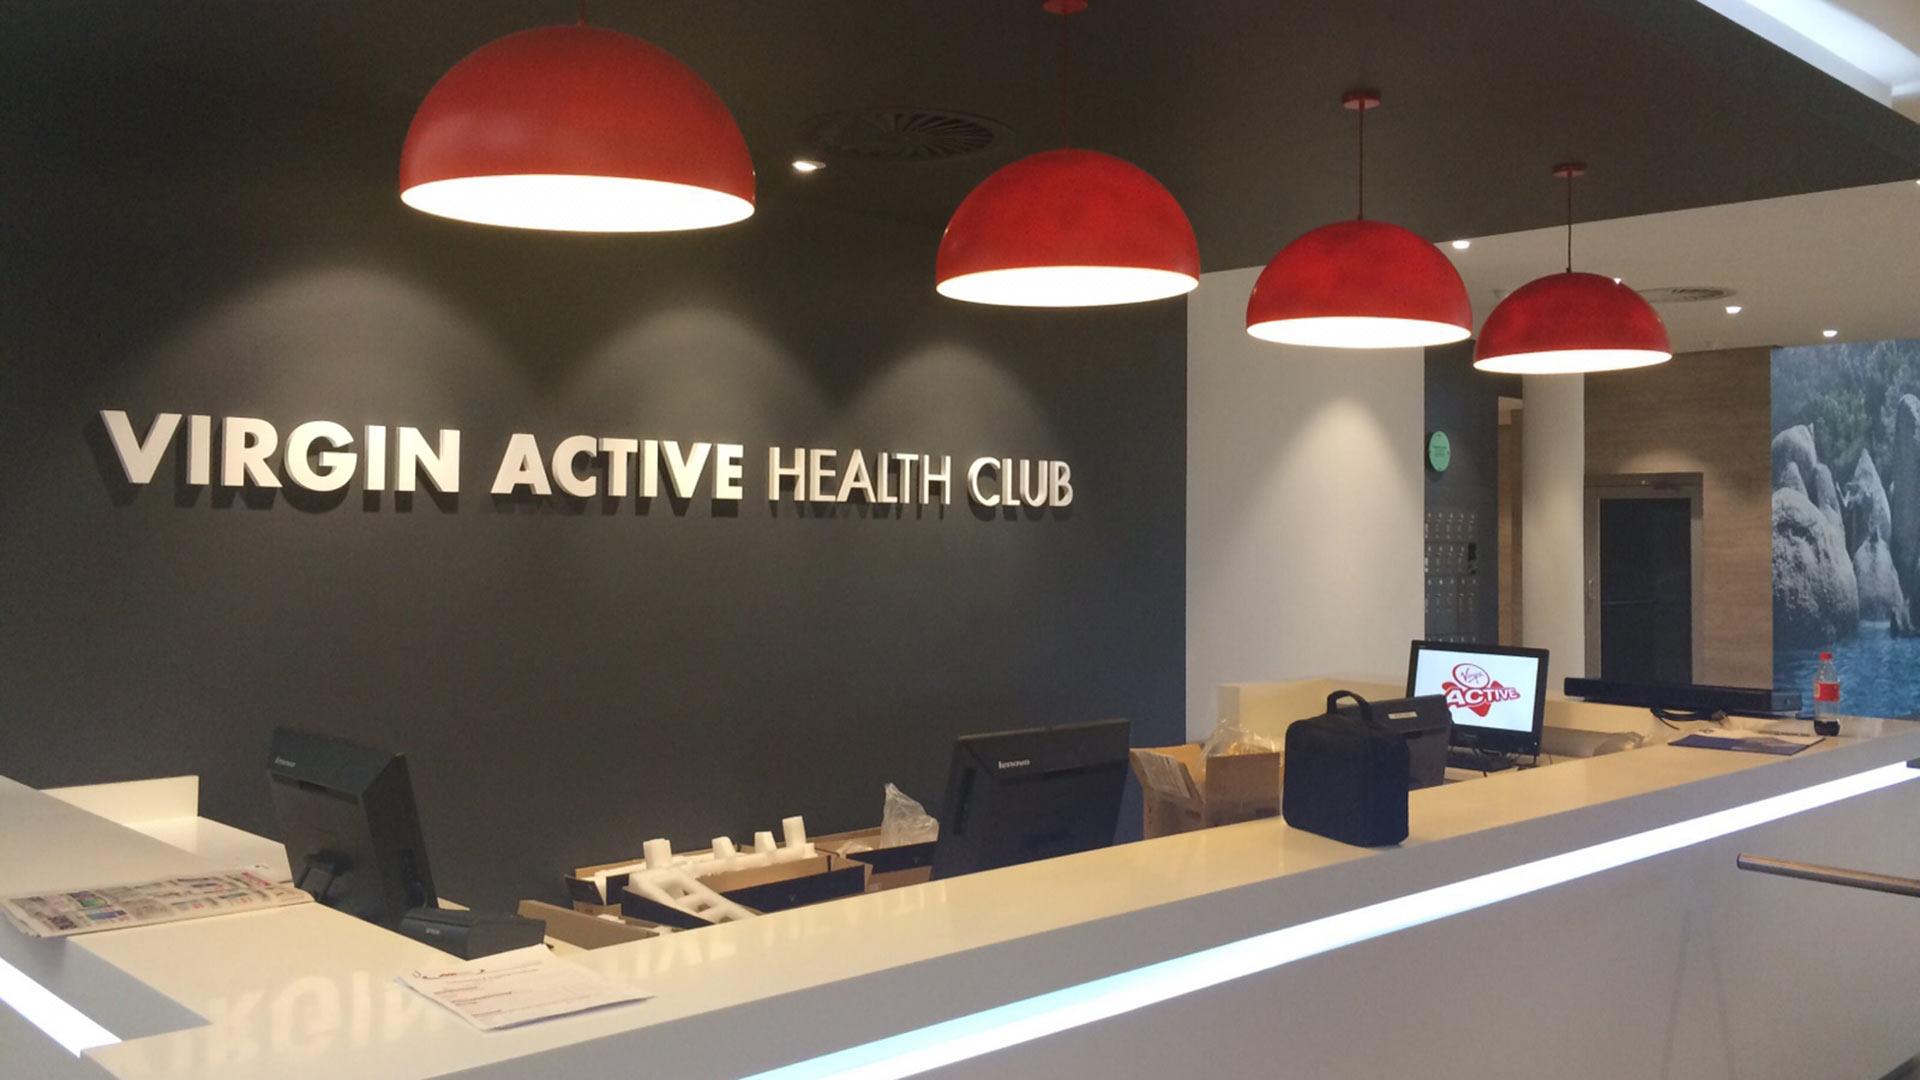 Virgin Active - Reception Area